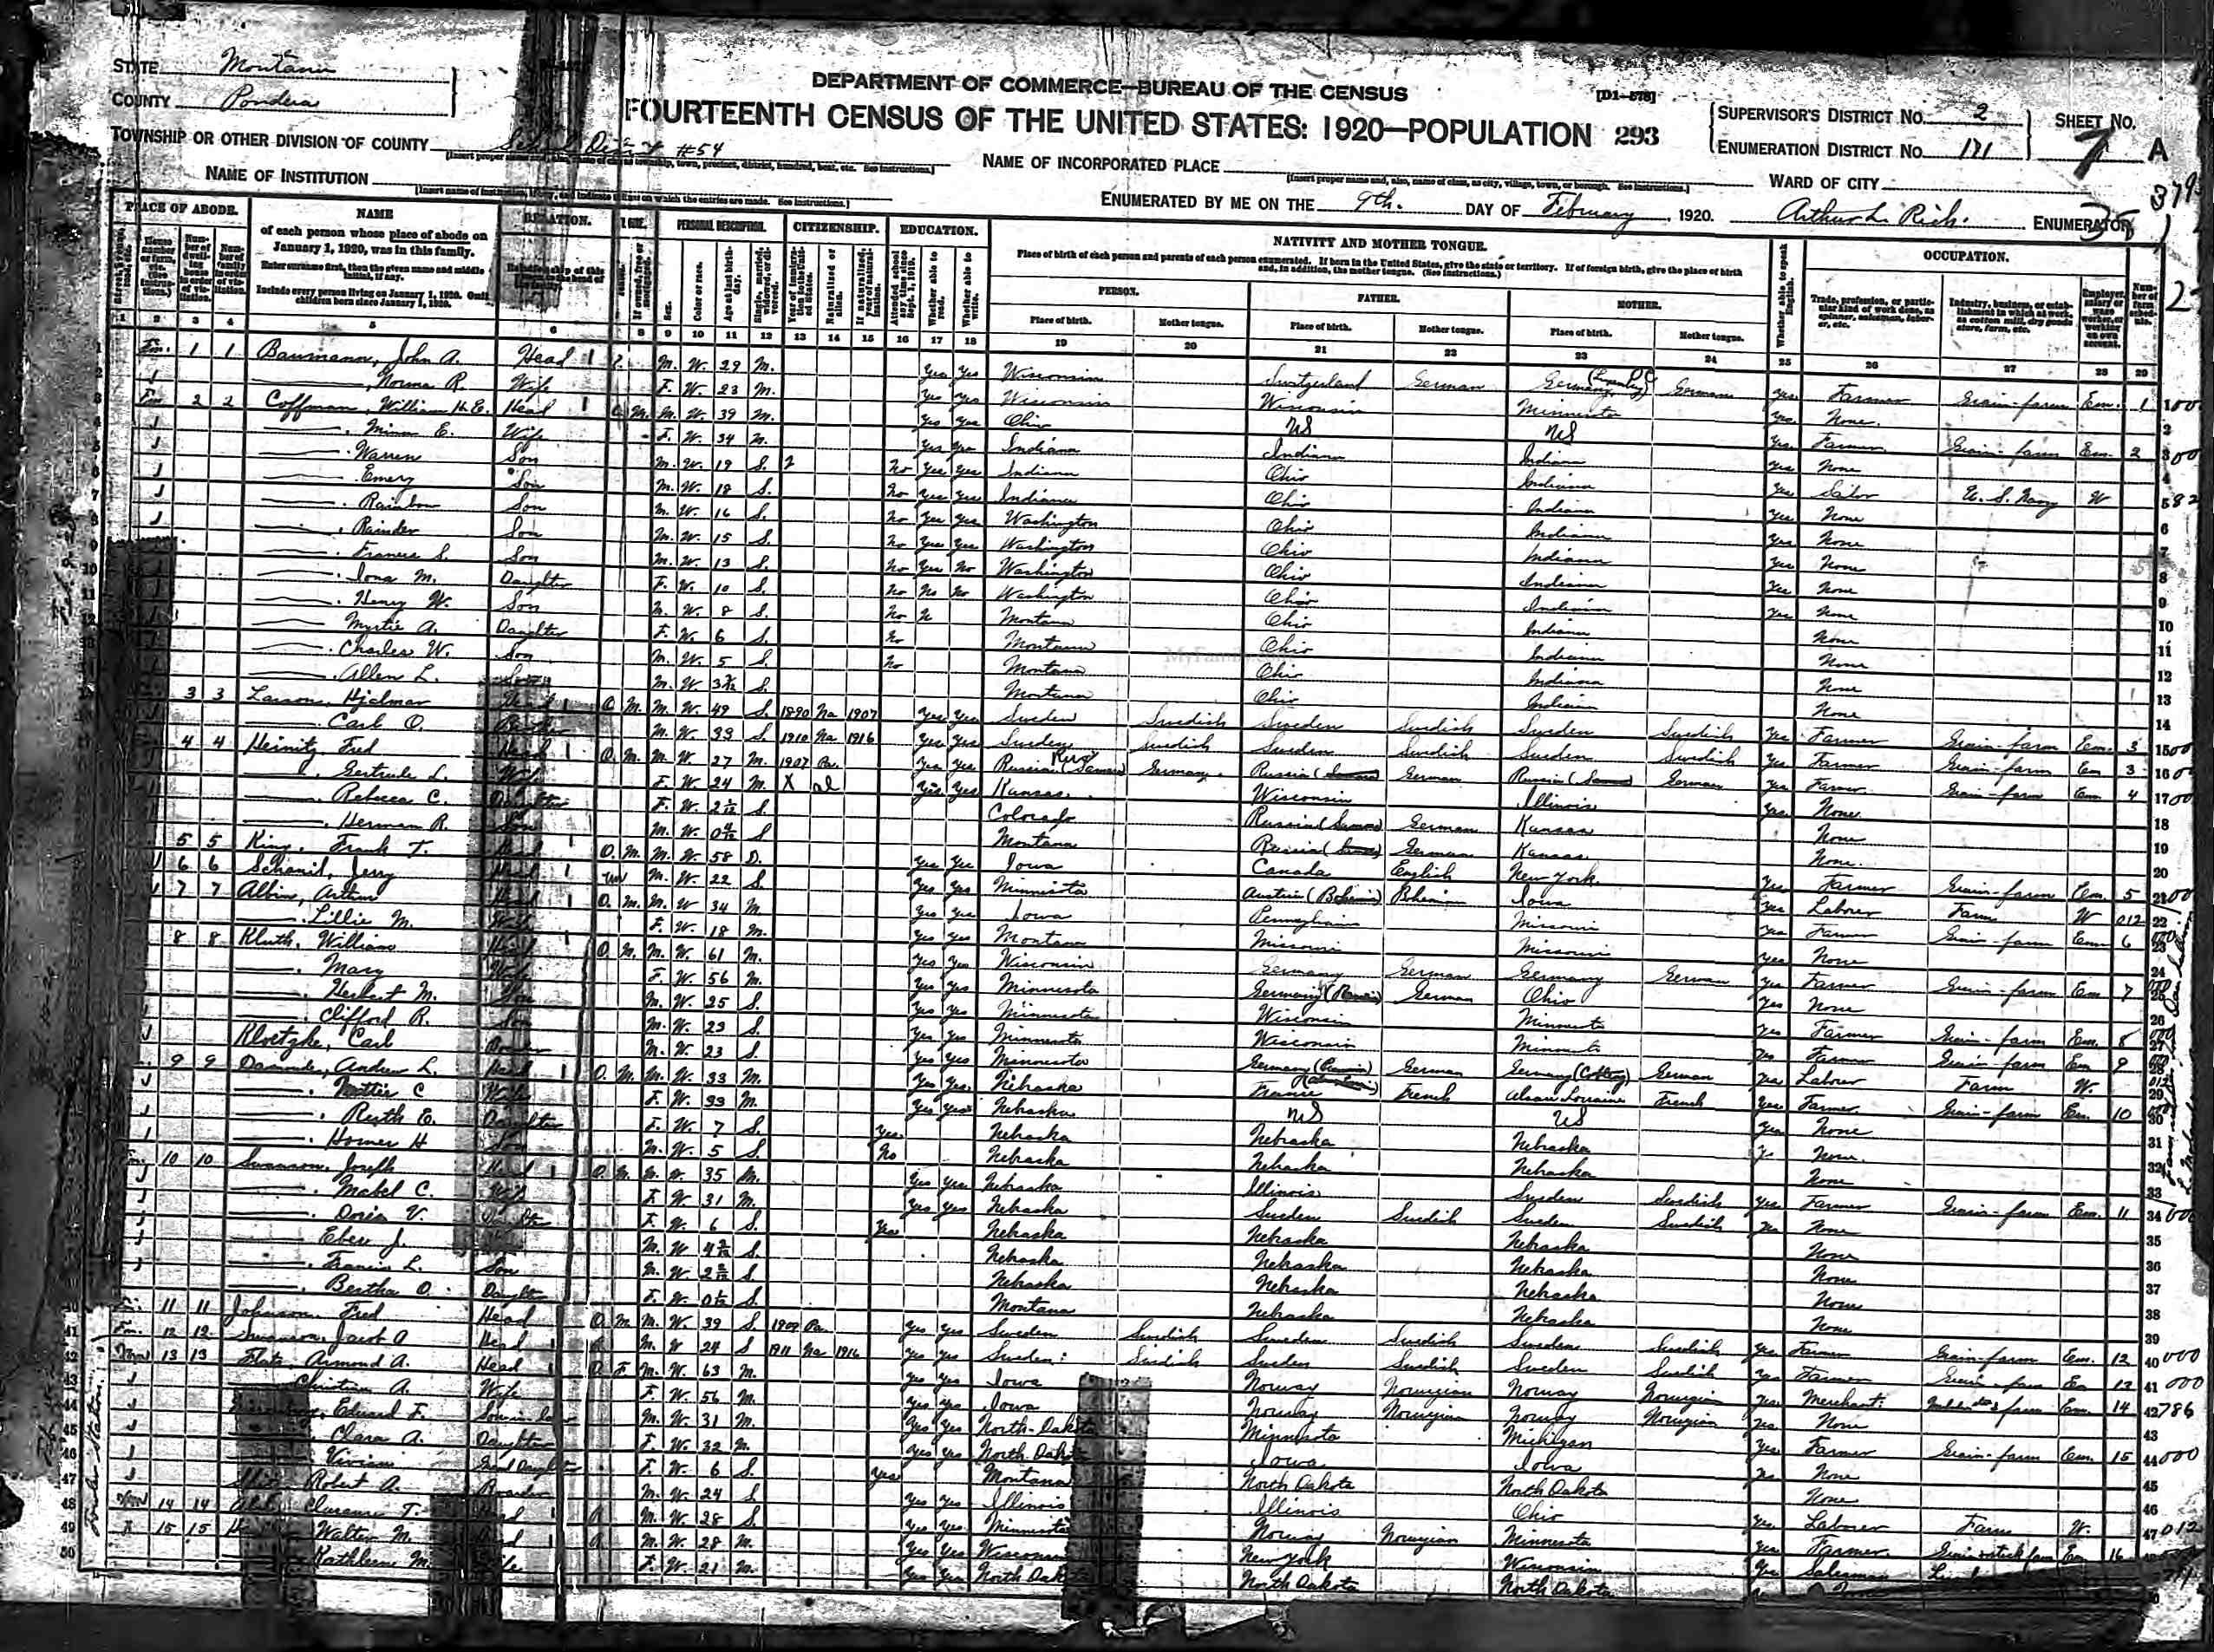 Montana pondera county ledger - Norma Baumann 1920 Census District 54 Pondera County Montana